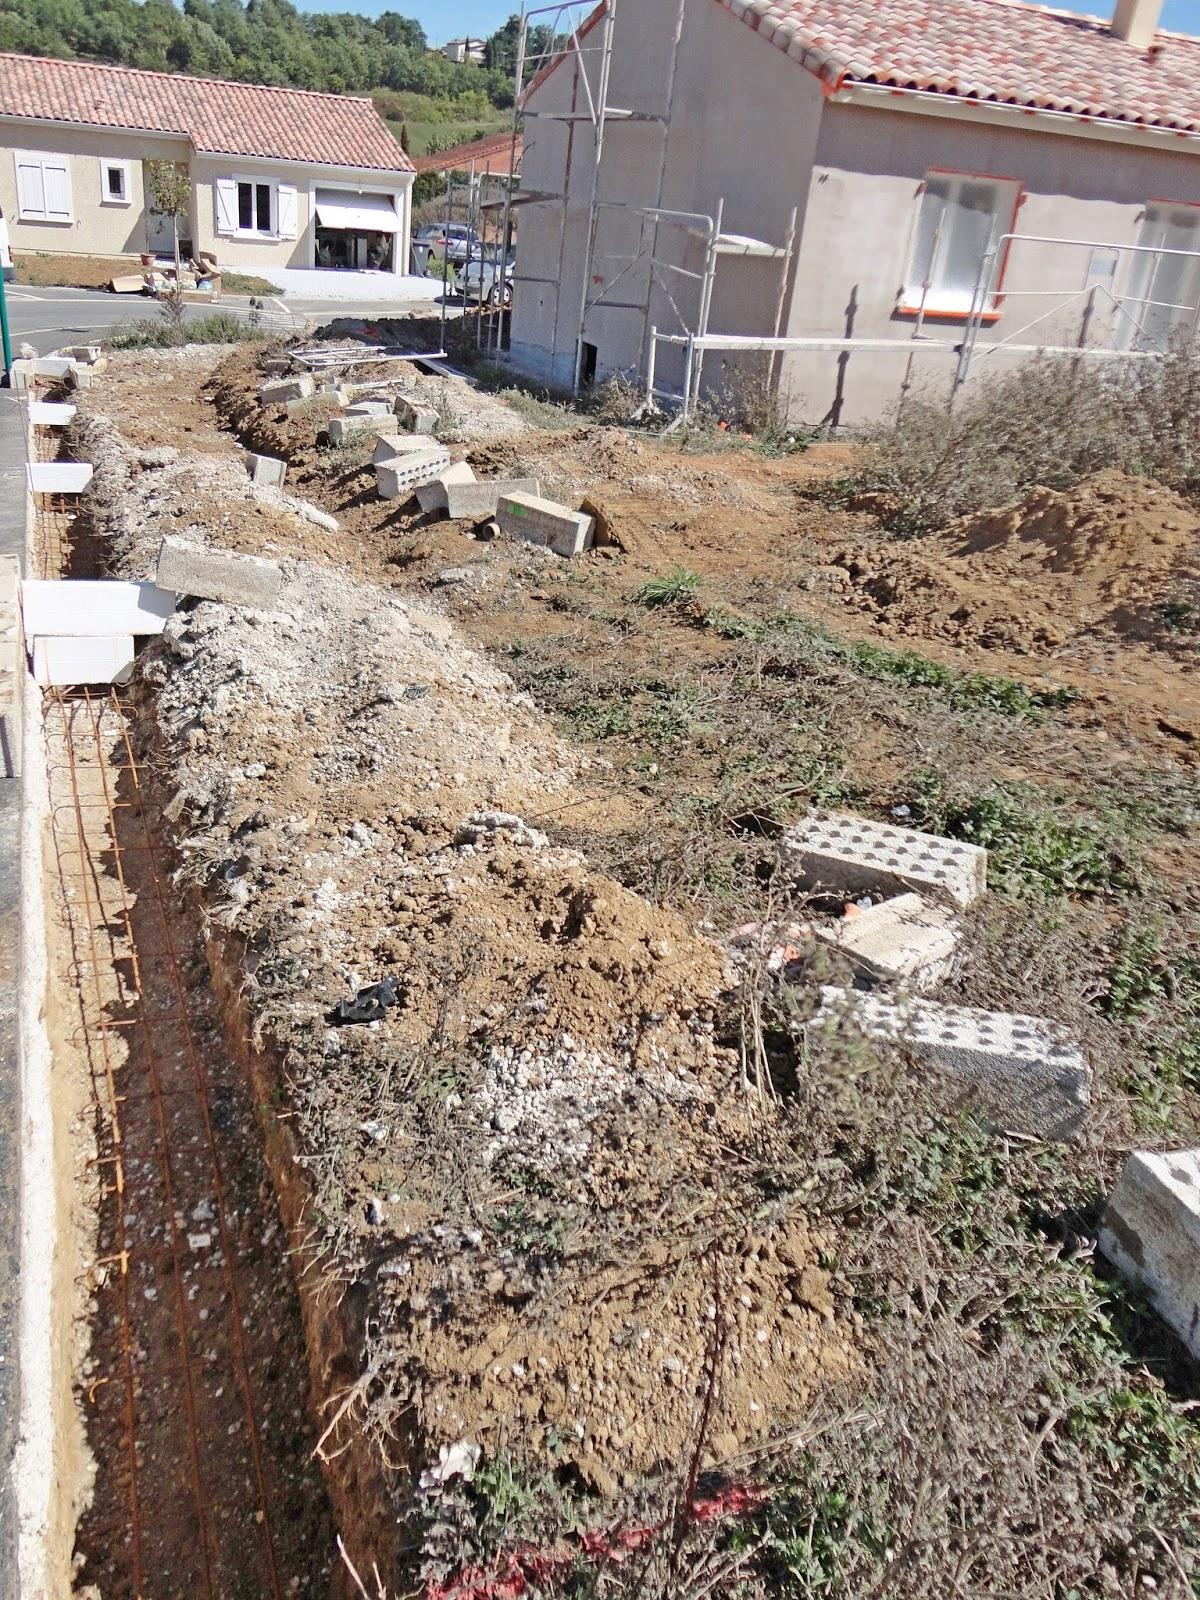 Apr s le d caissement pose des semelles et pr paration - Ferraillage fondation muret ...